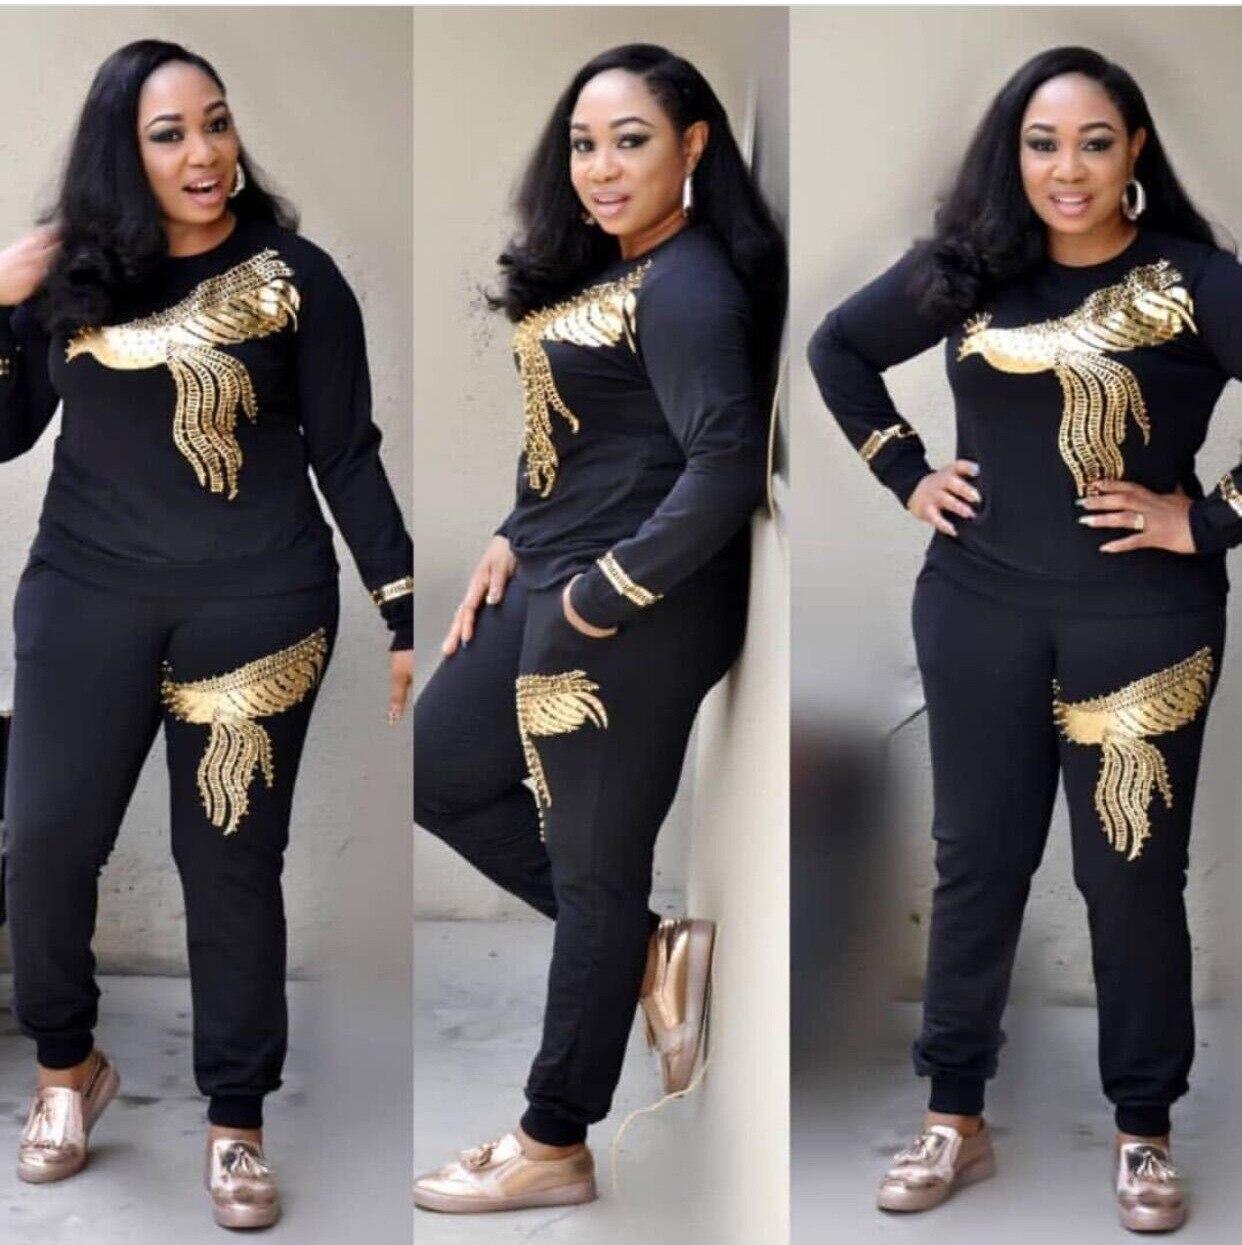 Женские комплекты в африканском стиле, комплекты размера плюс на весну и осень, Новое поступление, 2019, комплекты размера плюс для женщин